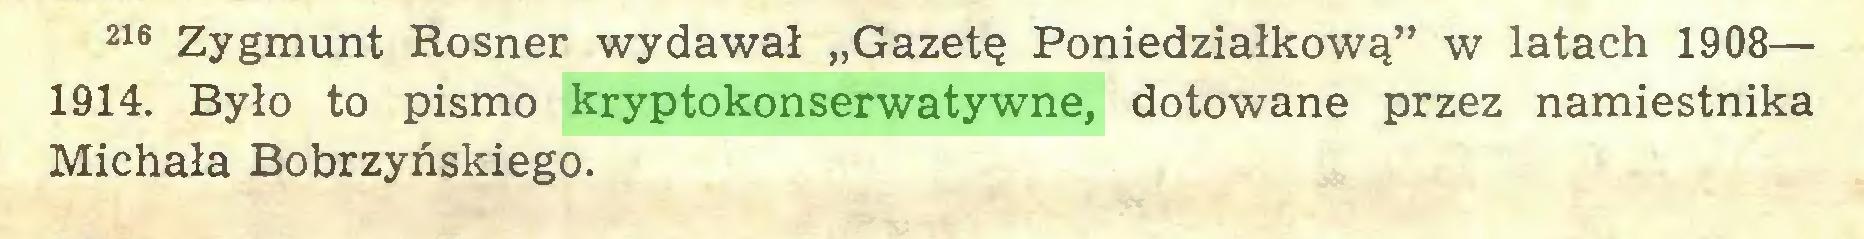 """(...) 216 Zygmunt Rosner wydawał """"Gazetę Poniedziałkową"""" w latach 1908— 1914. Było to pismo kryptokonserwatywne, dotowane przez namiestnika Michała Bobrzyńskiego..."""